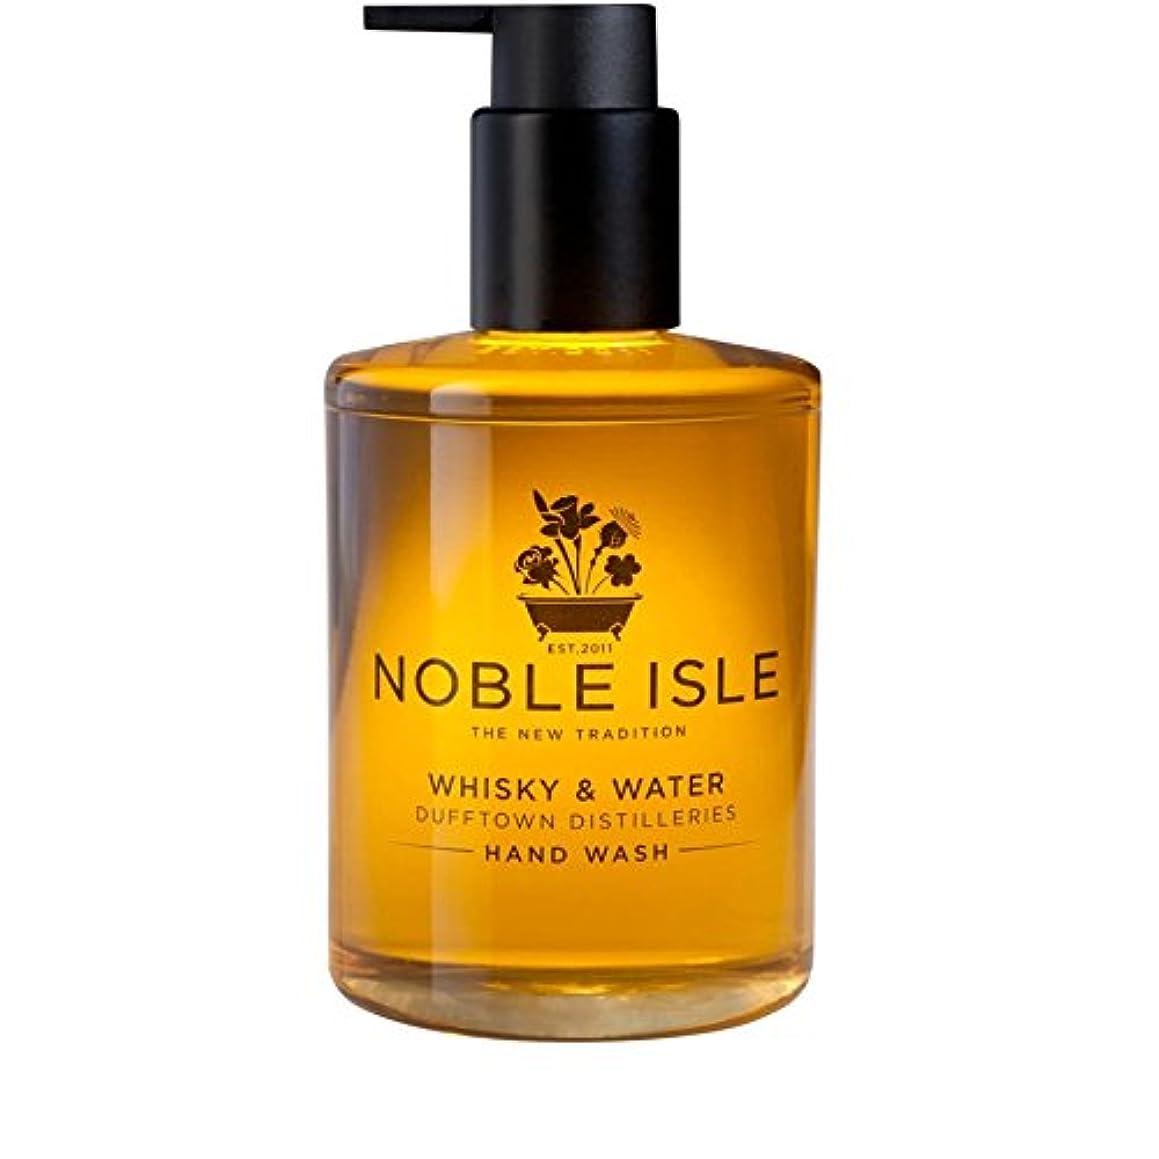 太平洋諸島車透過性Noble Isle Whisky and Water Dufftown Distilleries Hand Wash 250ml - 高貴な島の水割りの蒸留所のハンドウォッシュ250ミリリットル [並行輸入品]